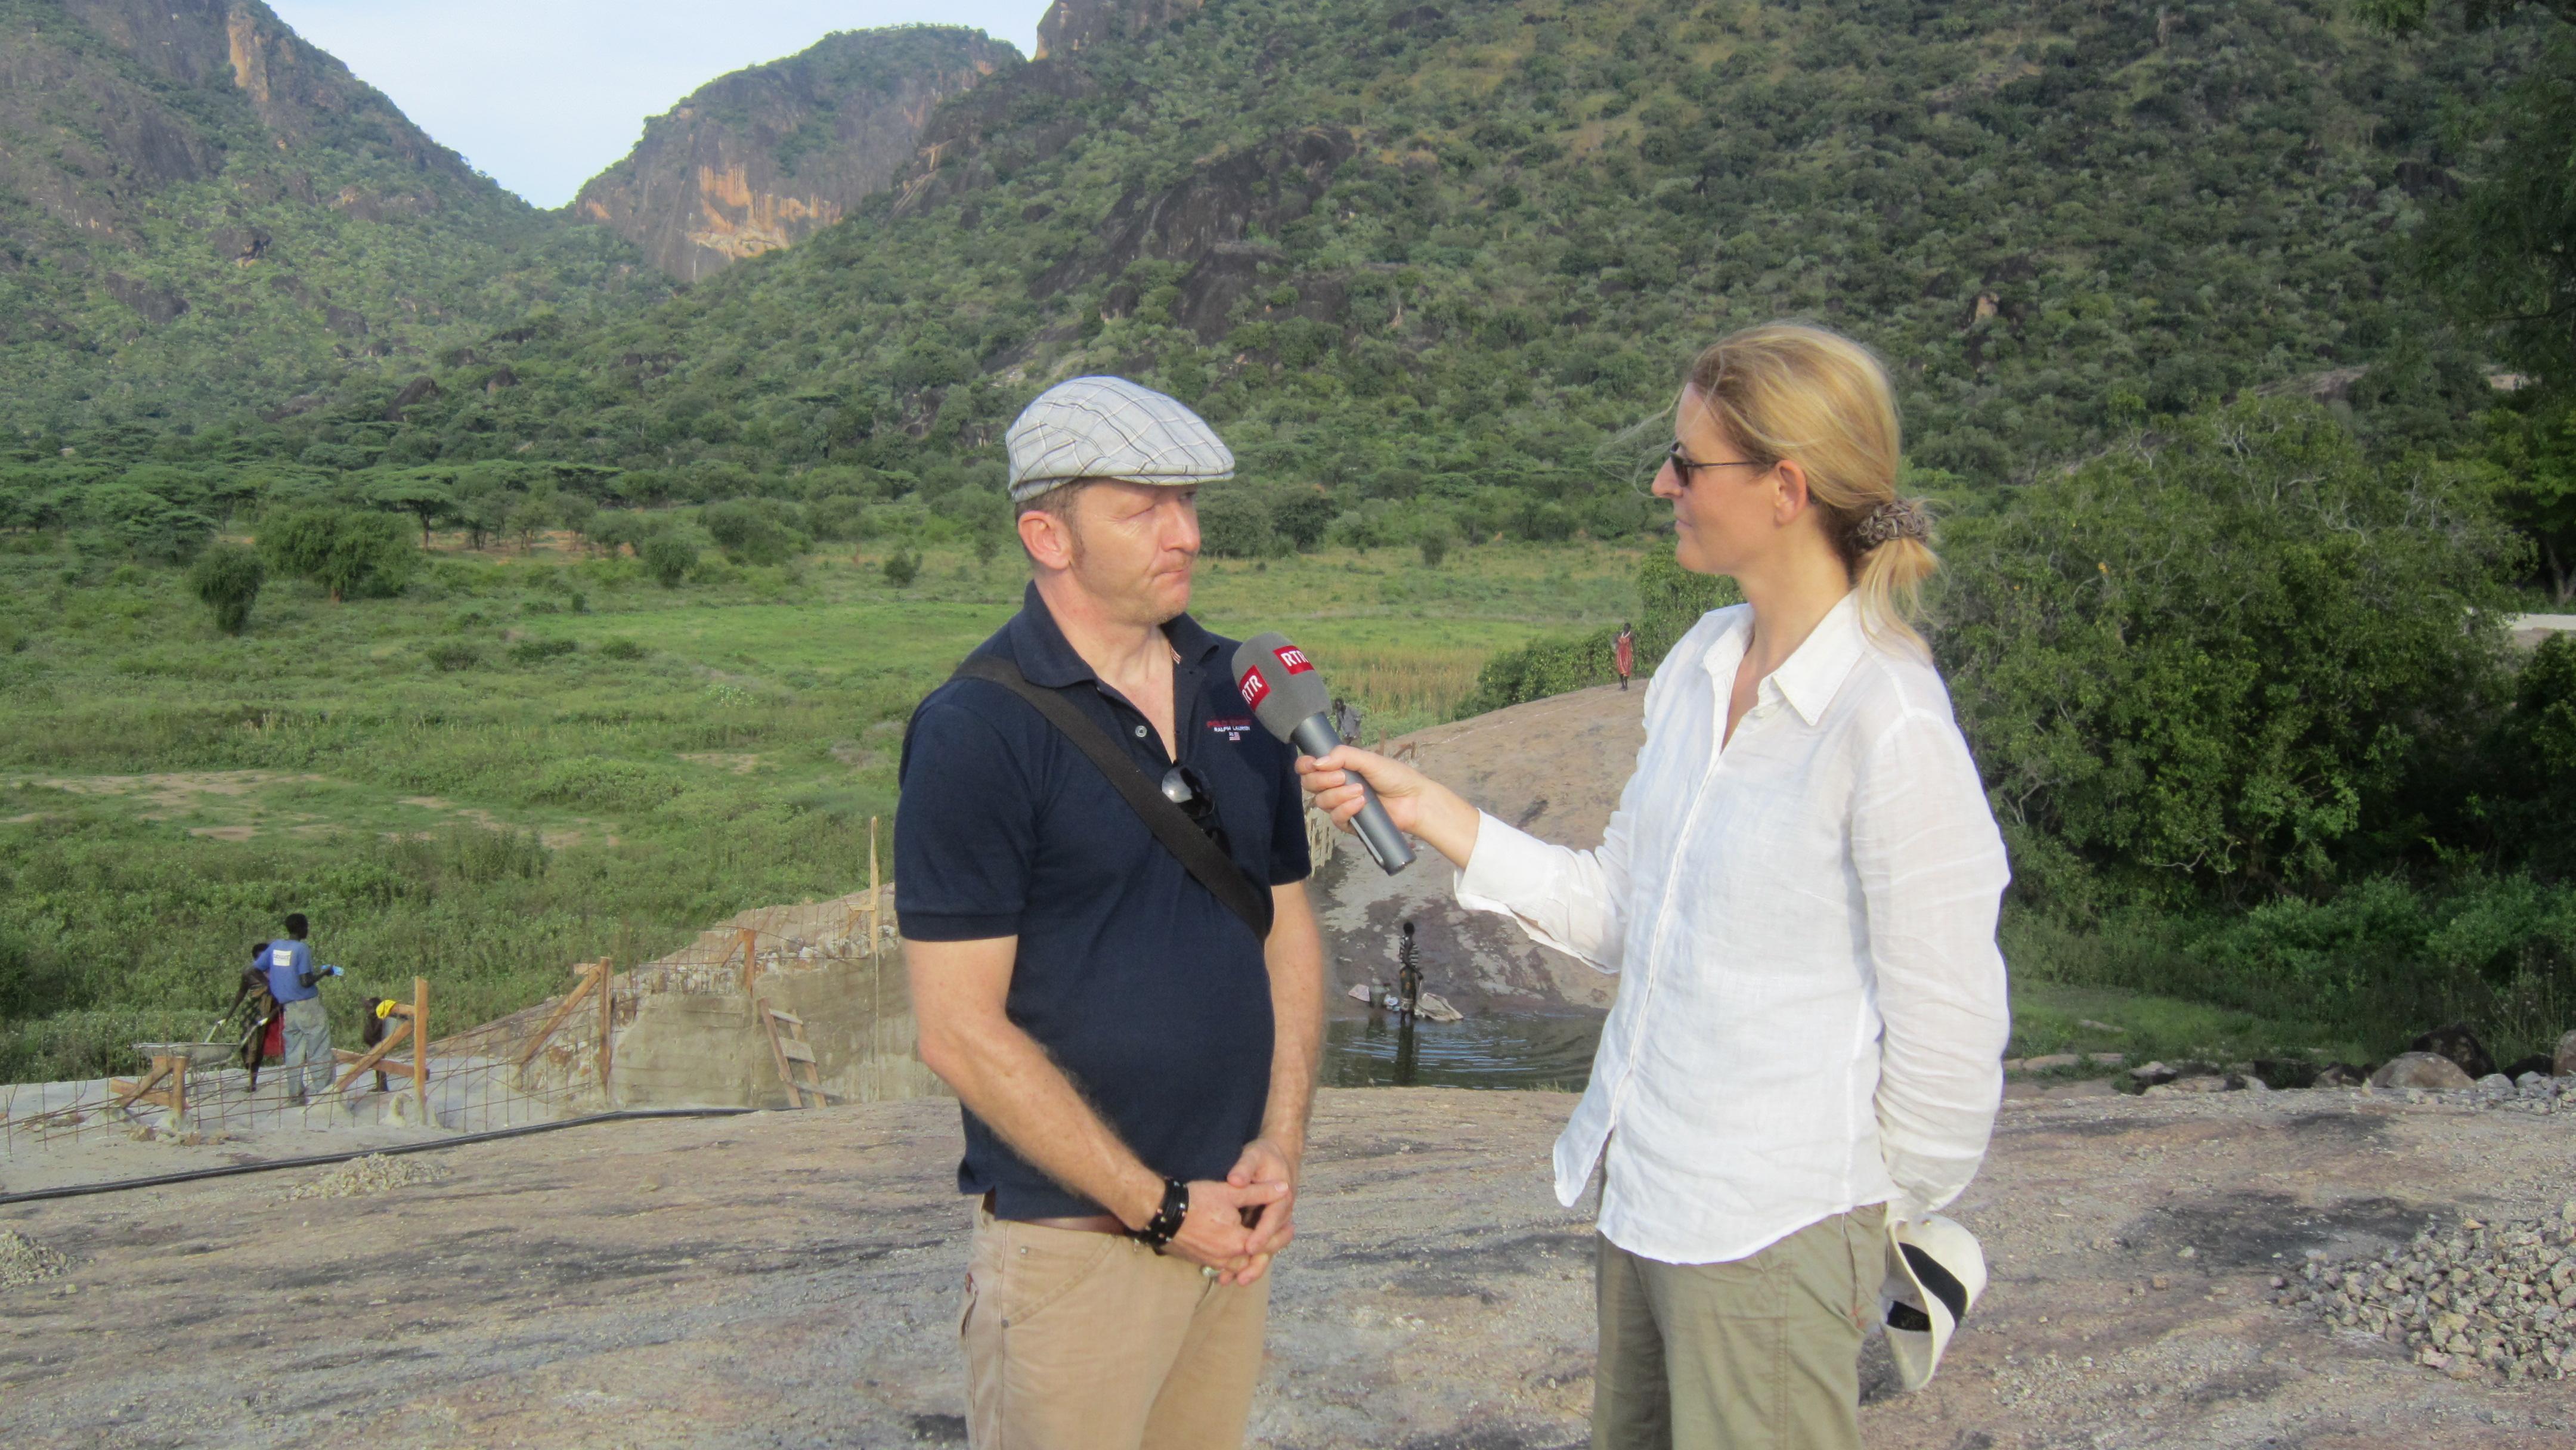 Intervista cun Martin Jaberg.